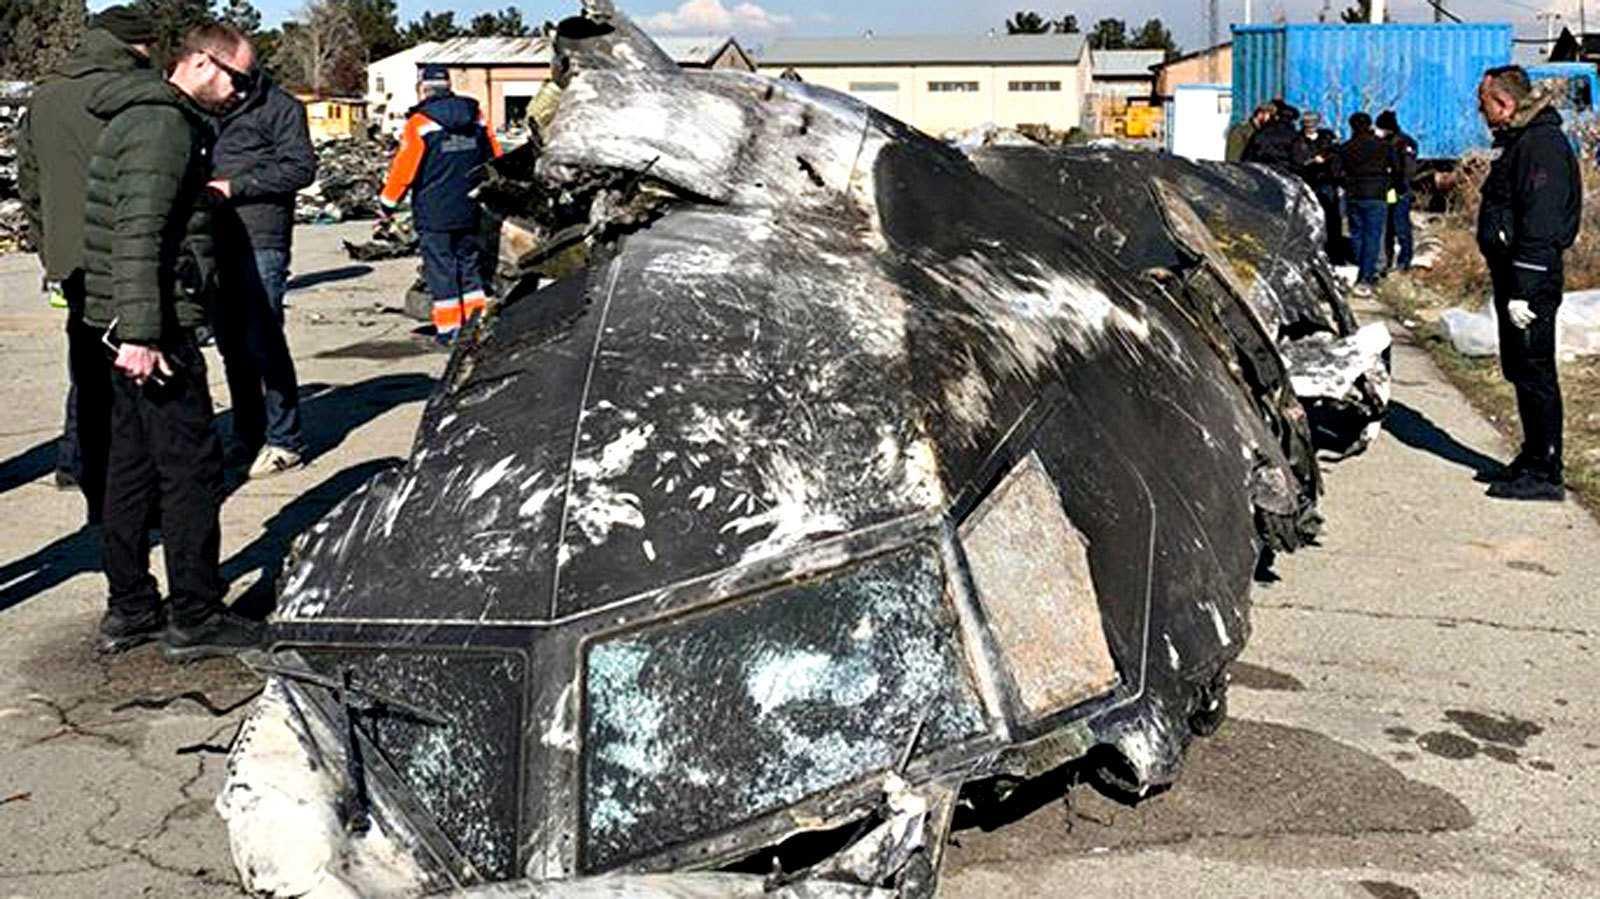 Los expertos ucranianos enviados a Irán revisan los restos del avión derribado, según Teherán, por error